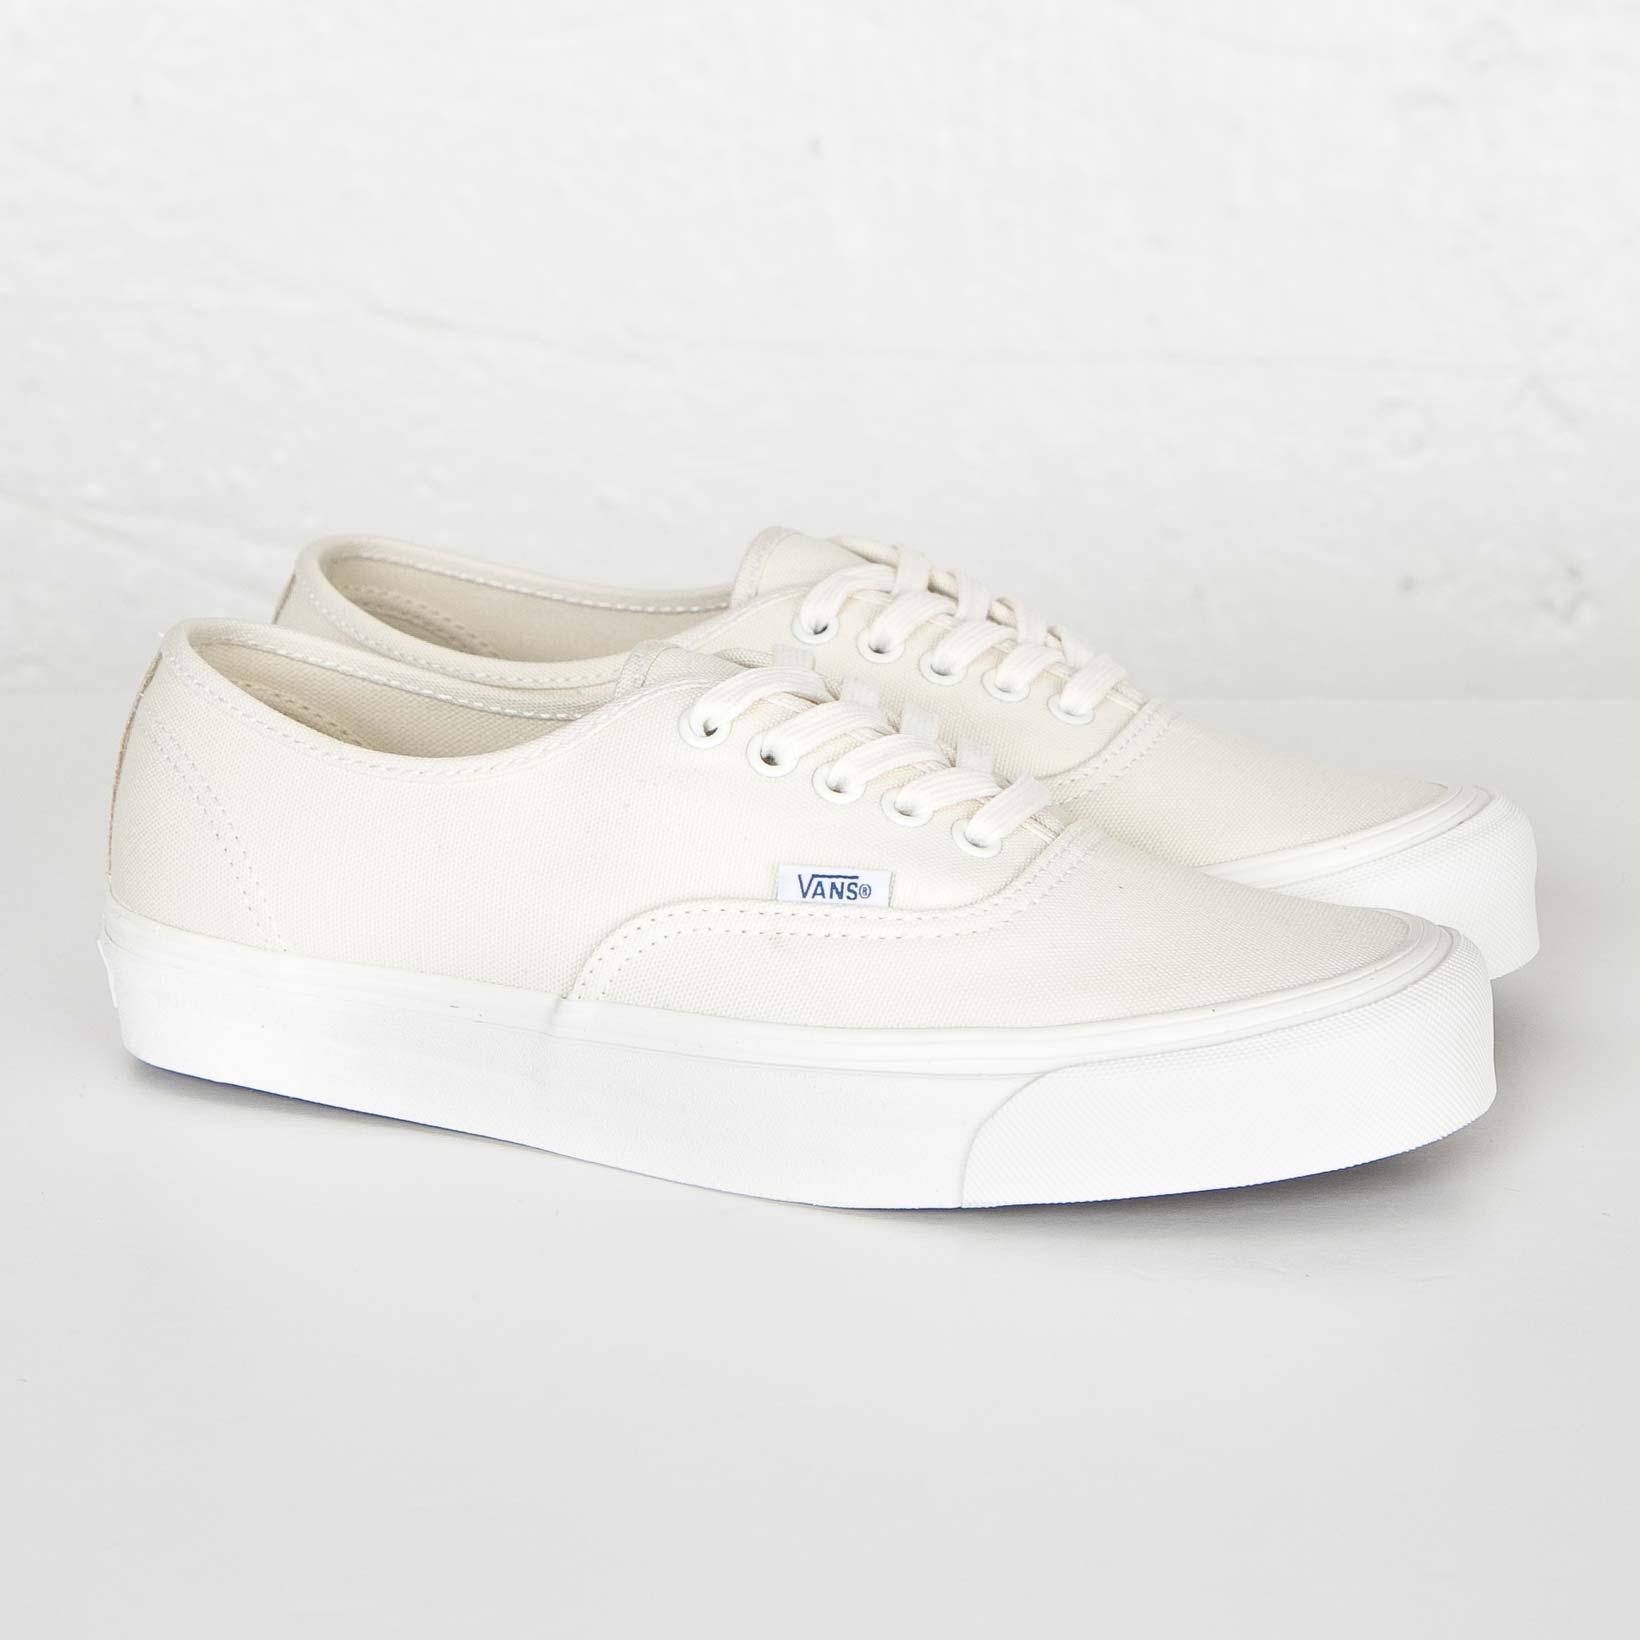 dd3b0a591da Vans OG Authentic LX - Vuddiav - Sneakersnstuff